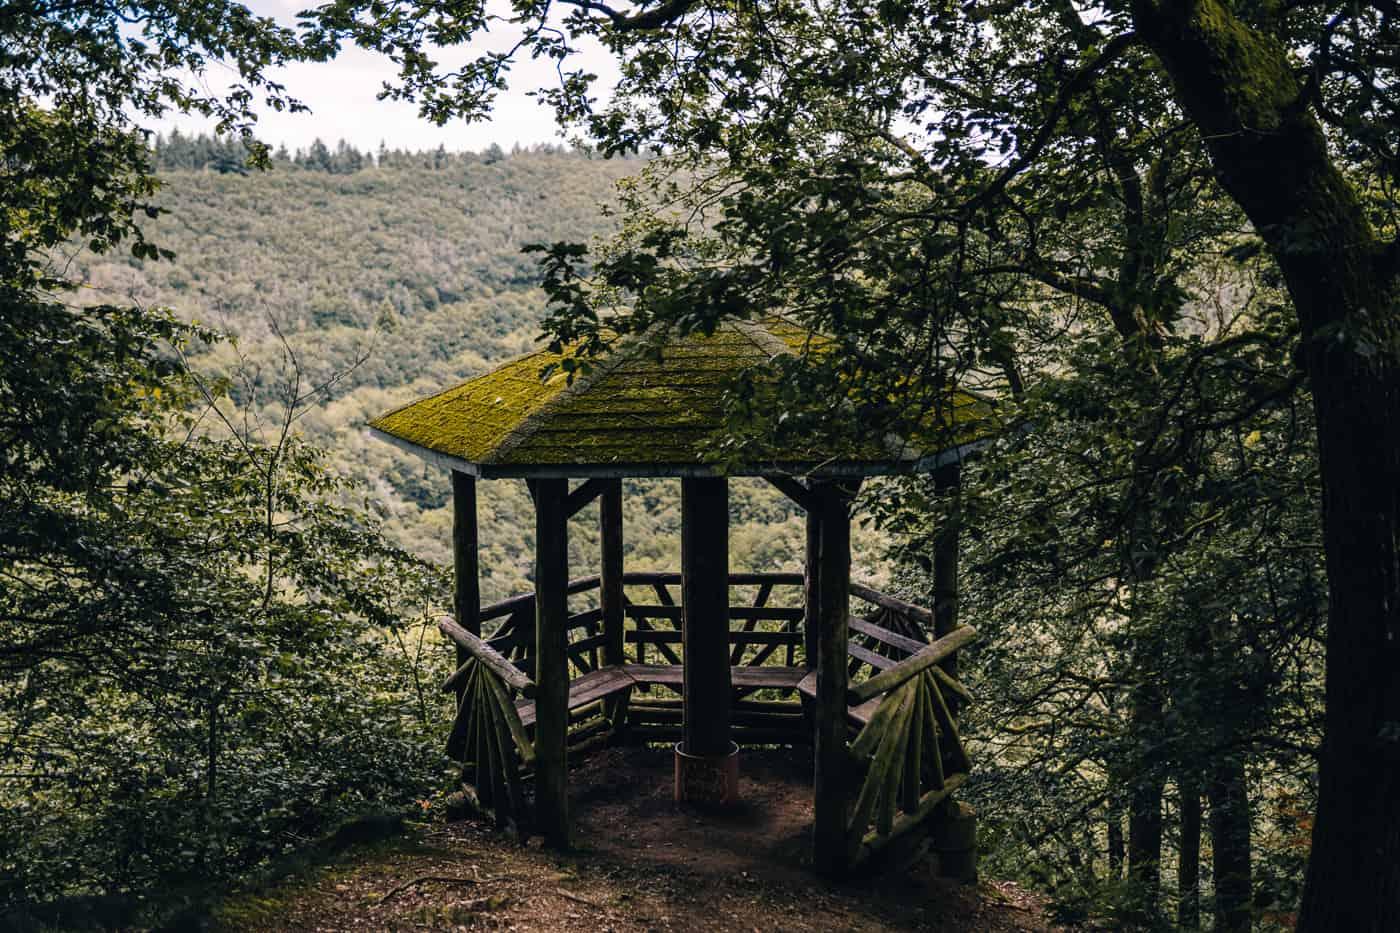 Baybachklamm Traumschleife Wanderung - Barreterlay bei Heyweiler